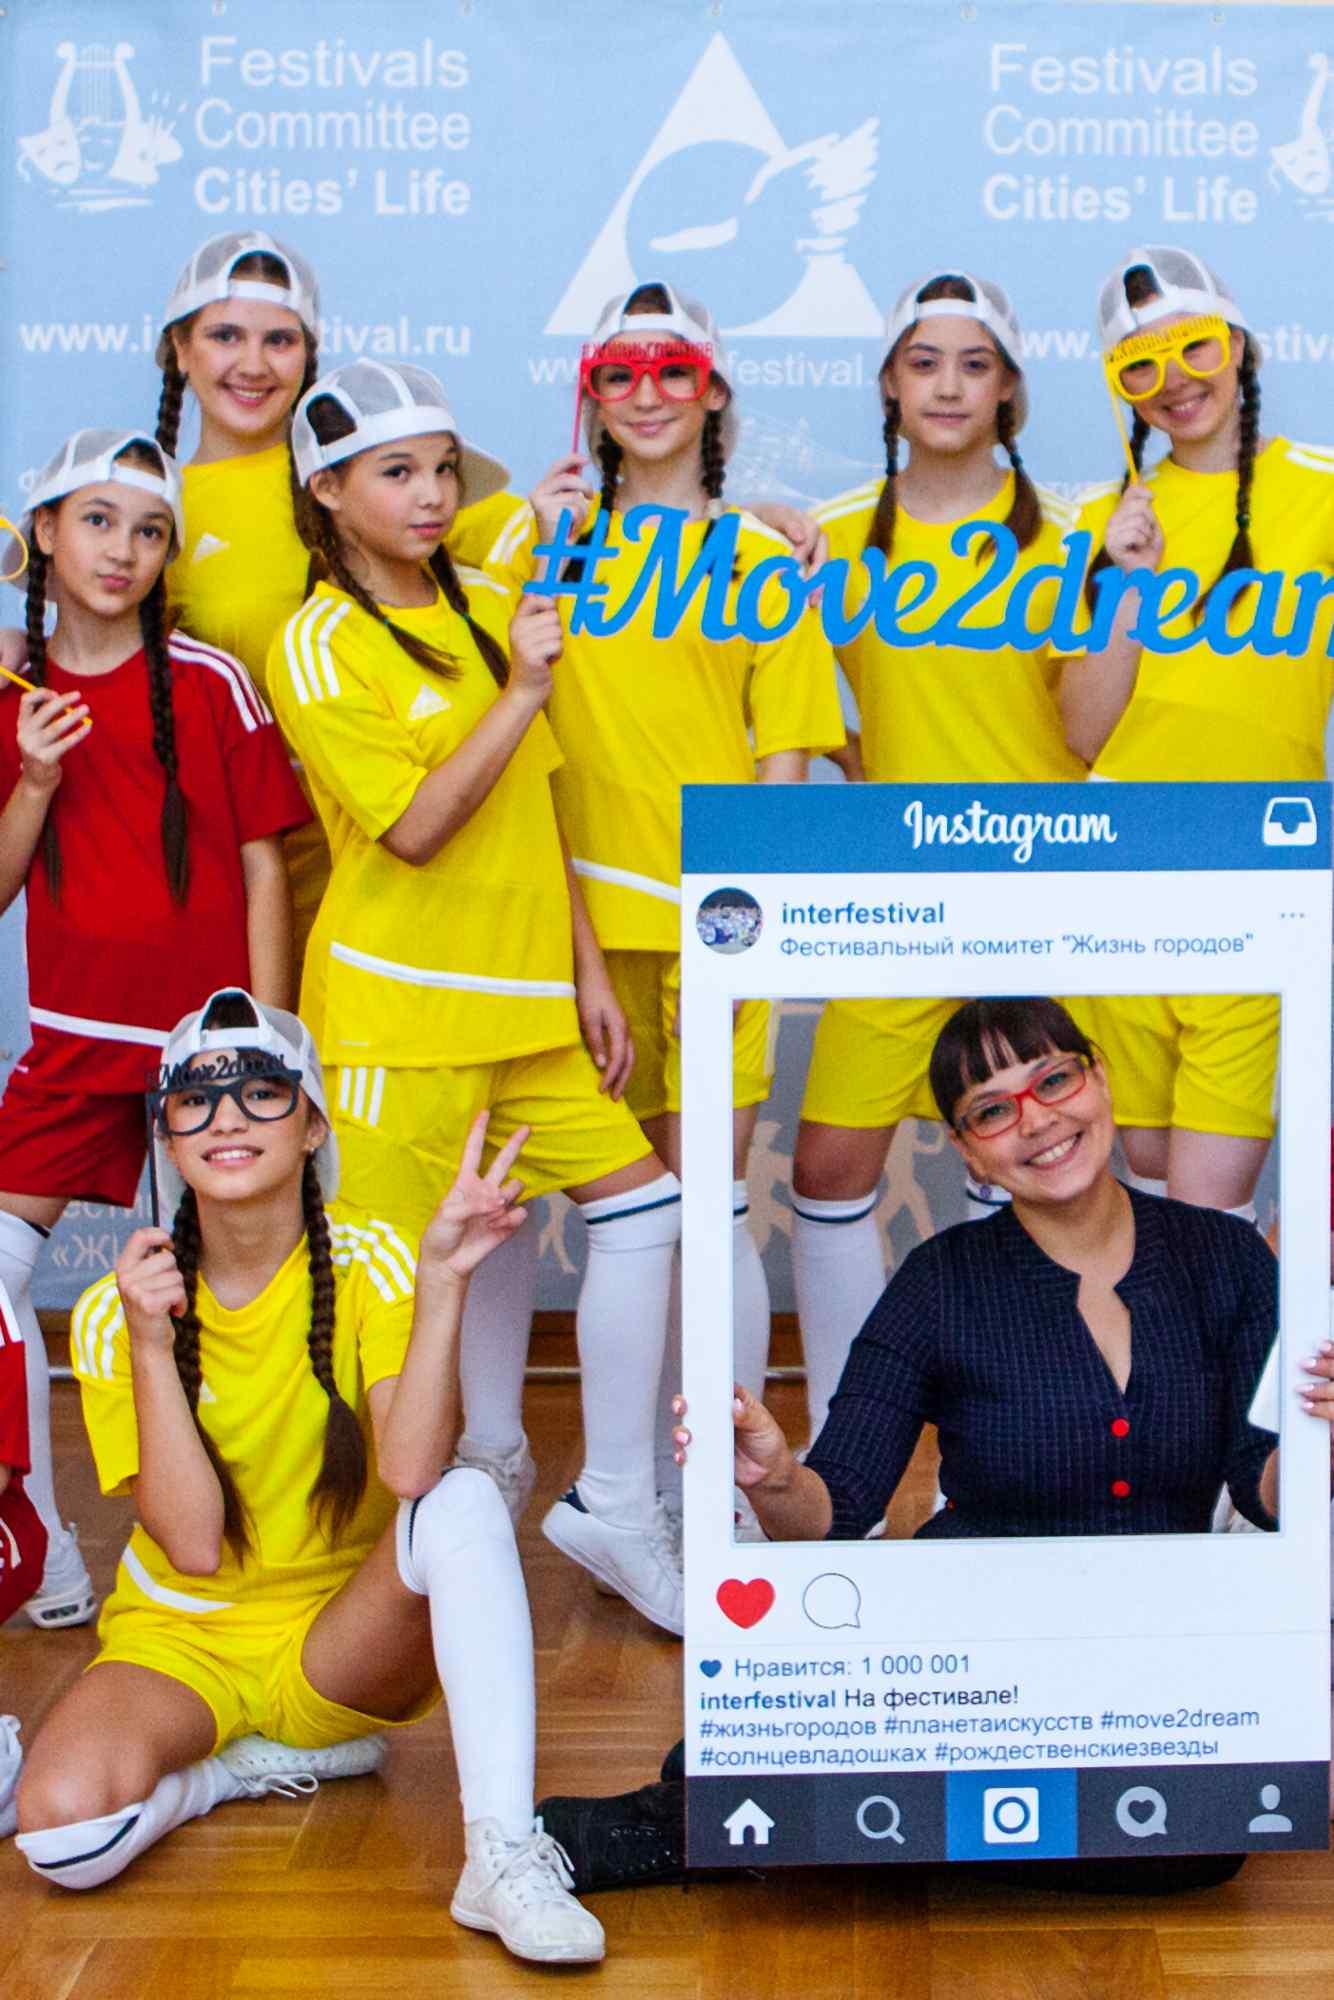 move2dance 2016, dorado